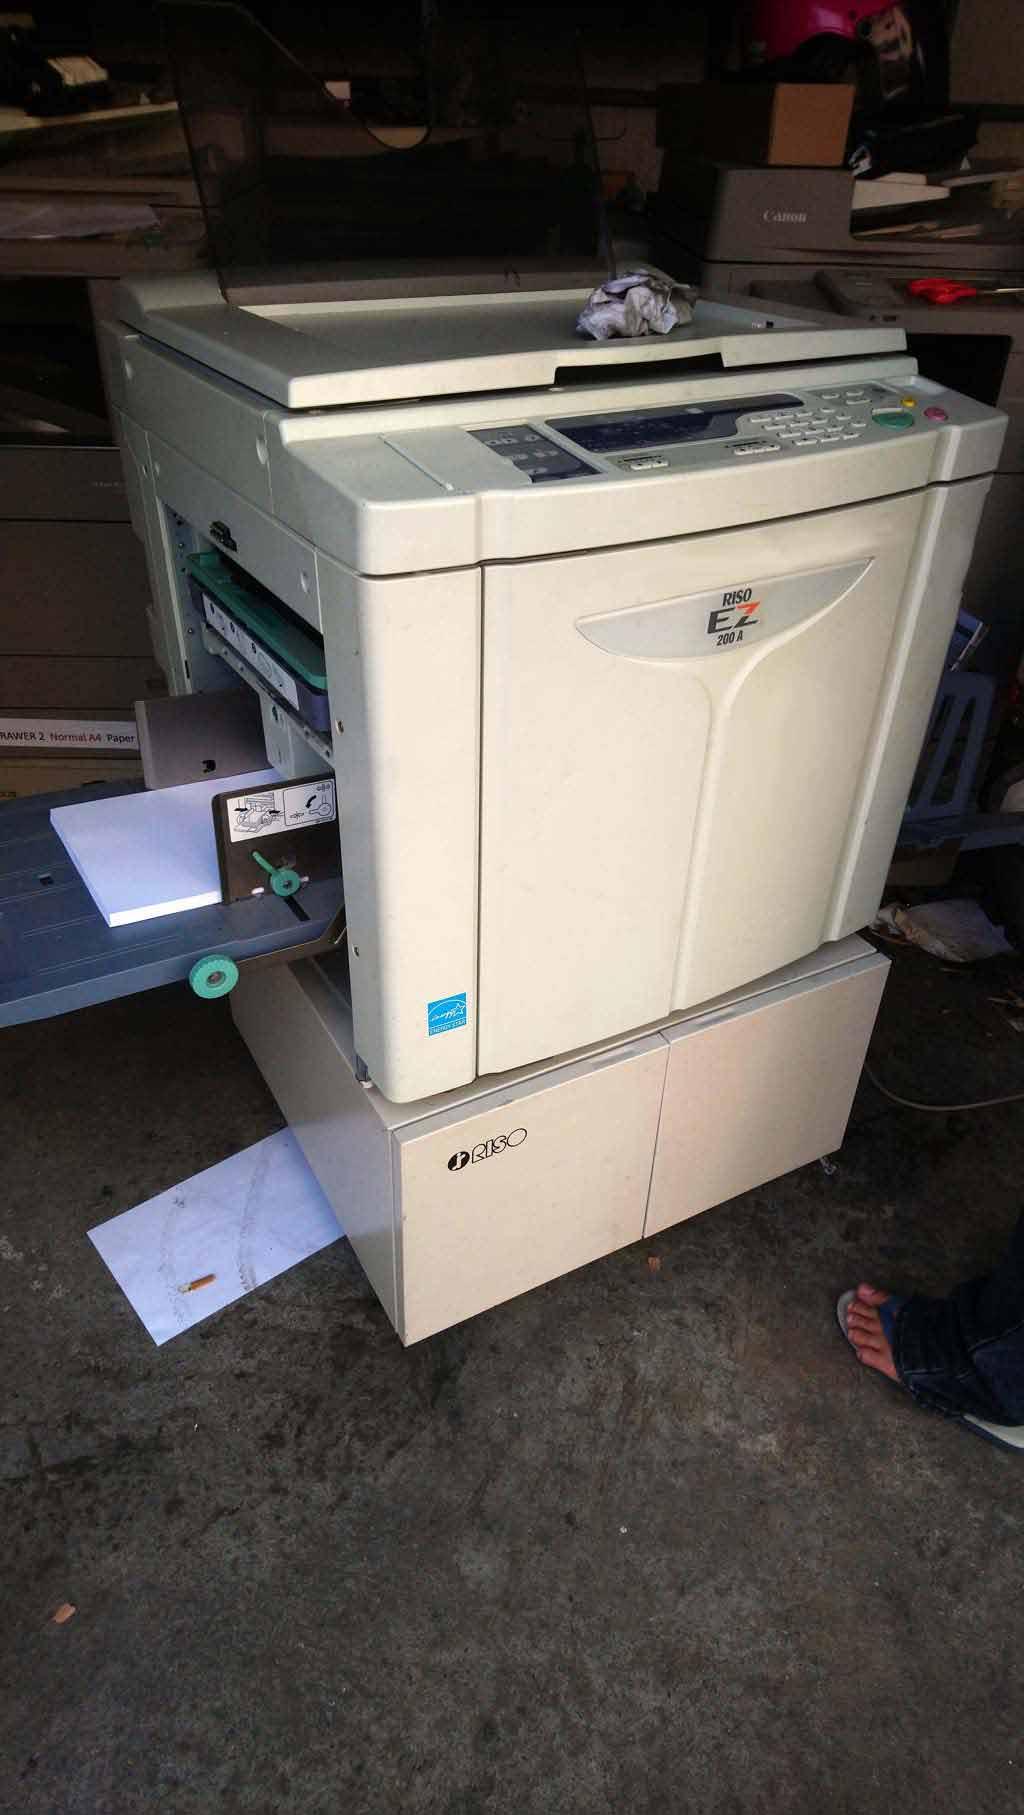 เครื่องพิมพ์สำเนาระบบดิจิตอลมือสอง RISO EZ200 สภาพสวยพร้อมใช้ ลูกโมสีดำ 3